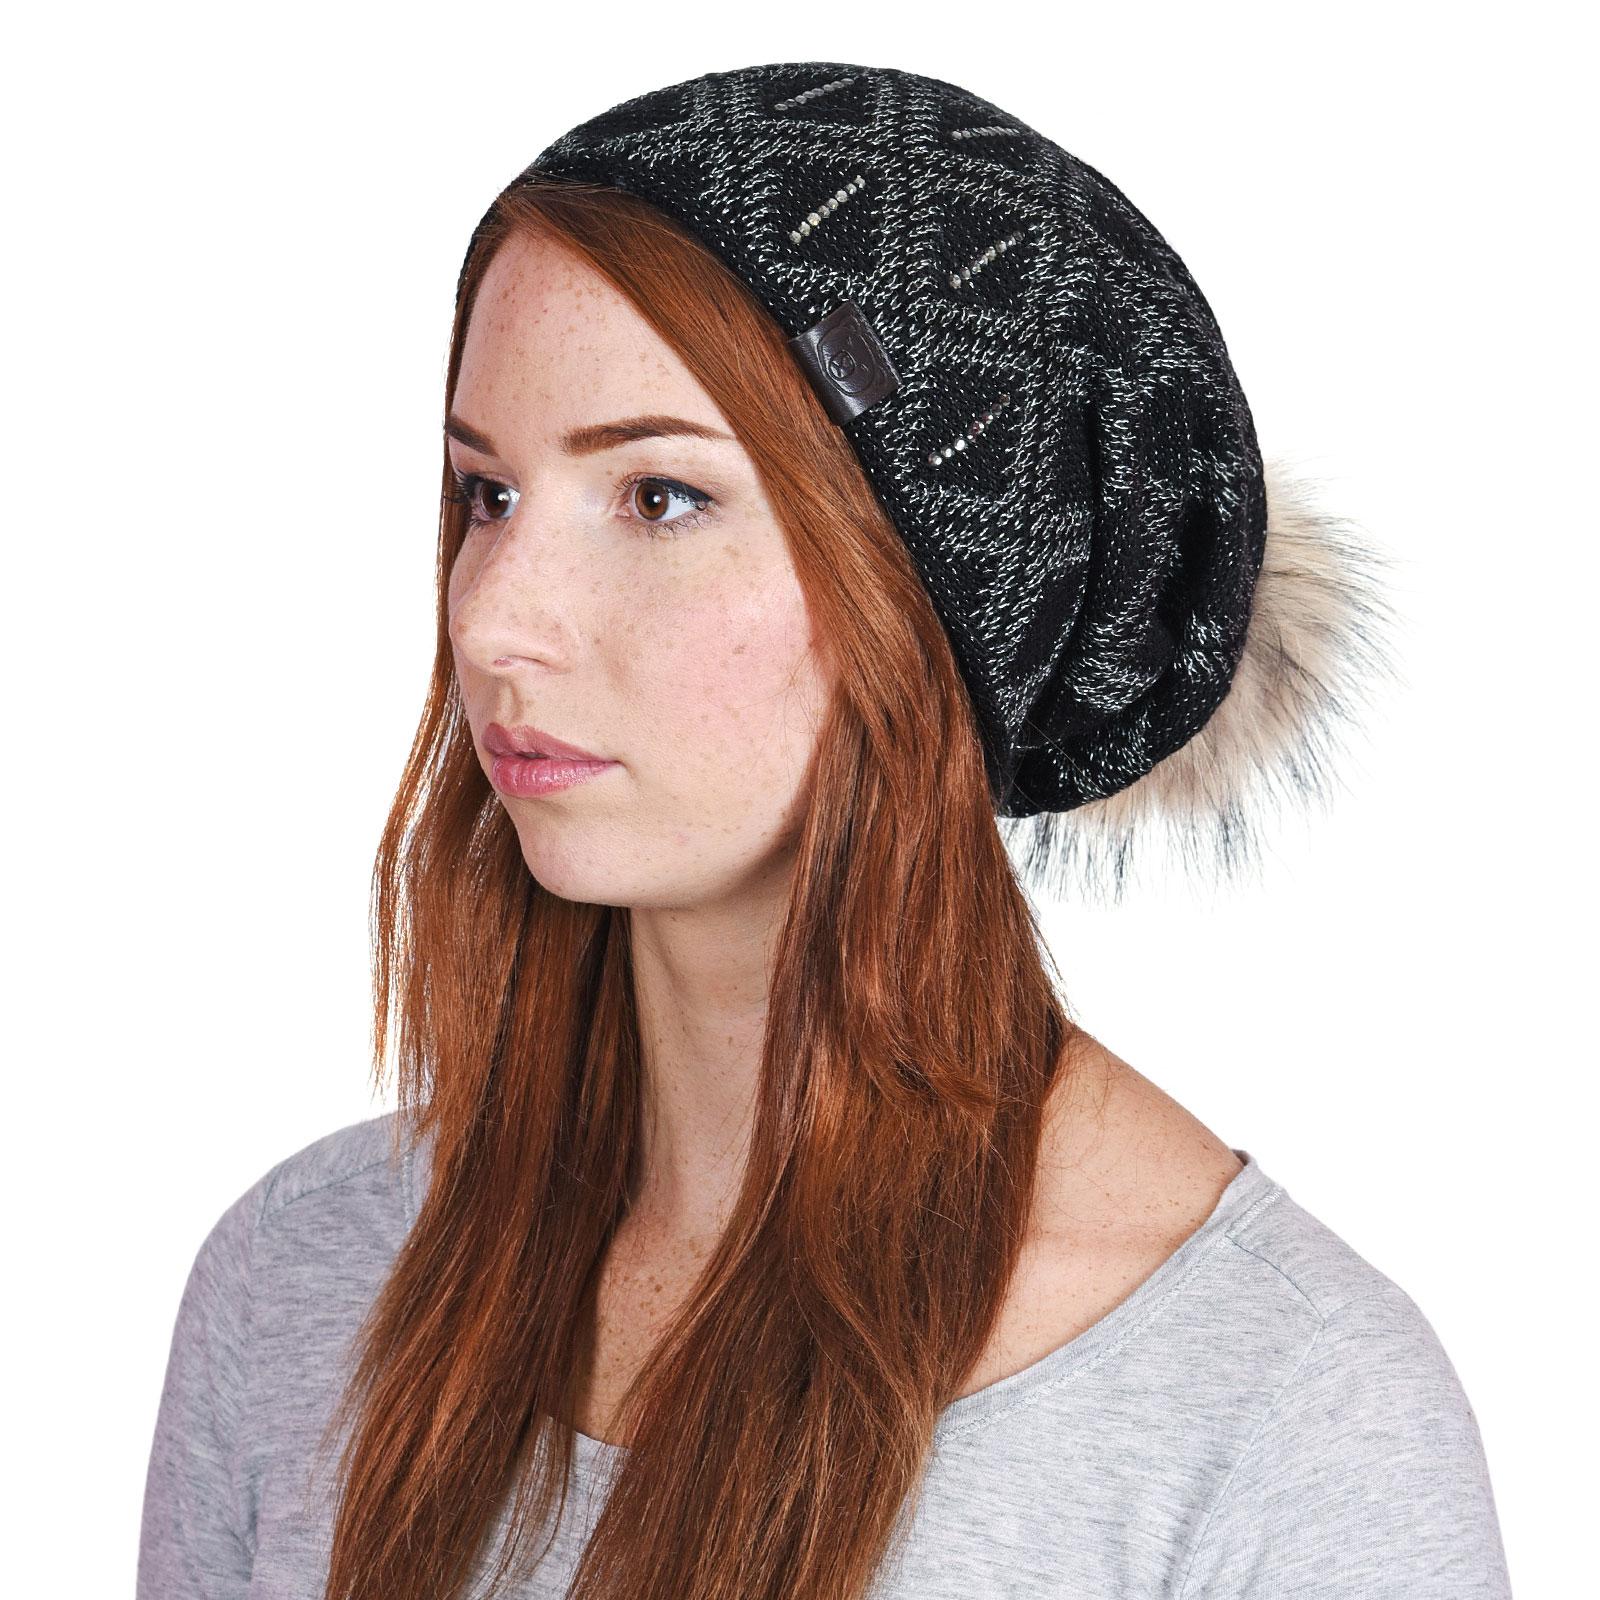 CP-01044-VF16-P-bonnet-femme-hiver-noir